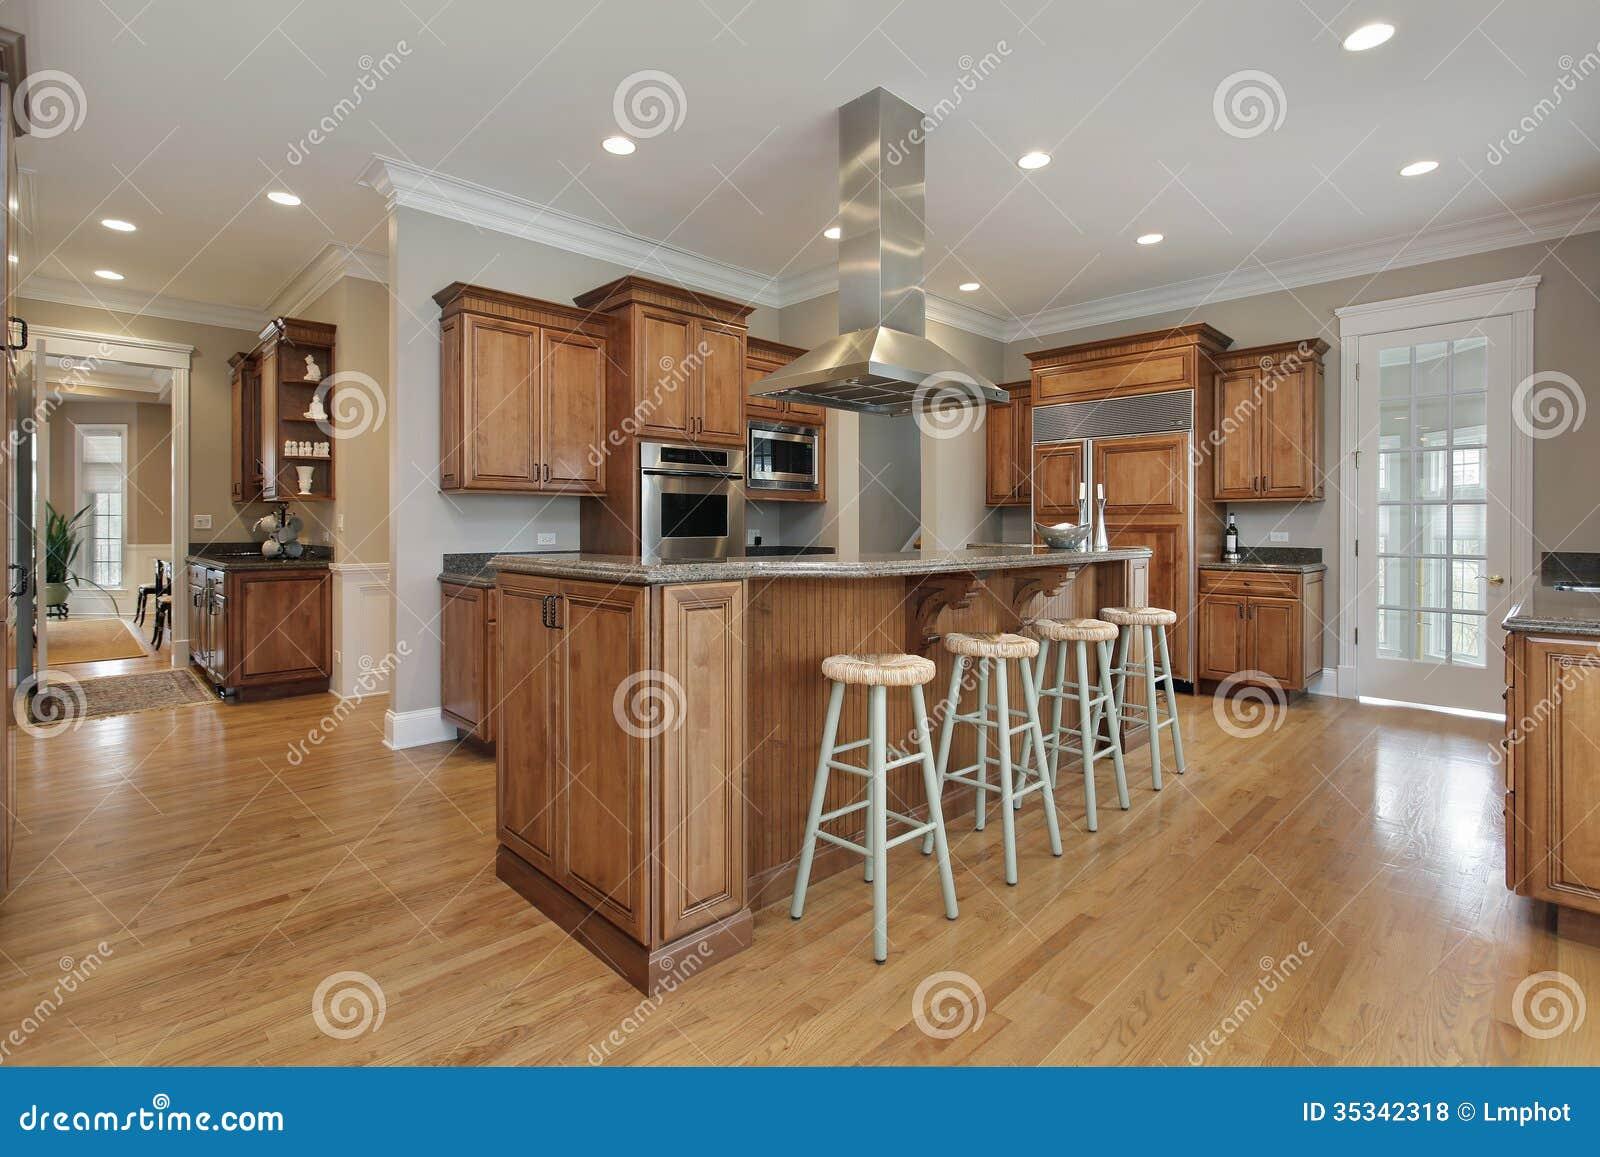 Cucina Con L'isola Concentrare Del Granito E Di Legno Fotografie Stock  #82A328 1300 957 Countertop In Granito Da Cucina